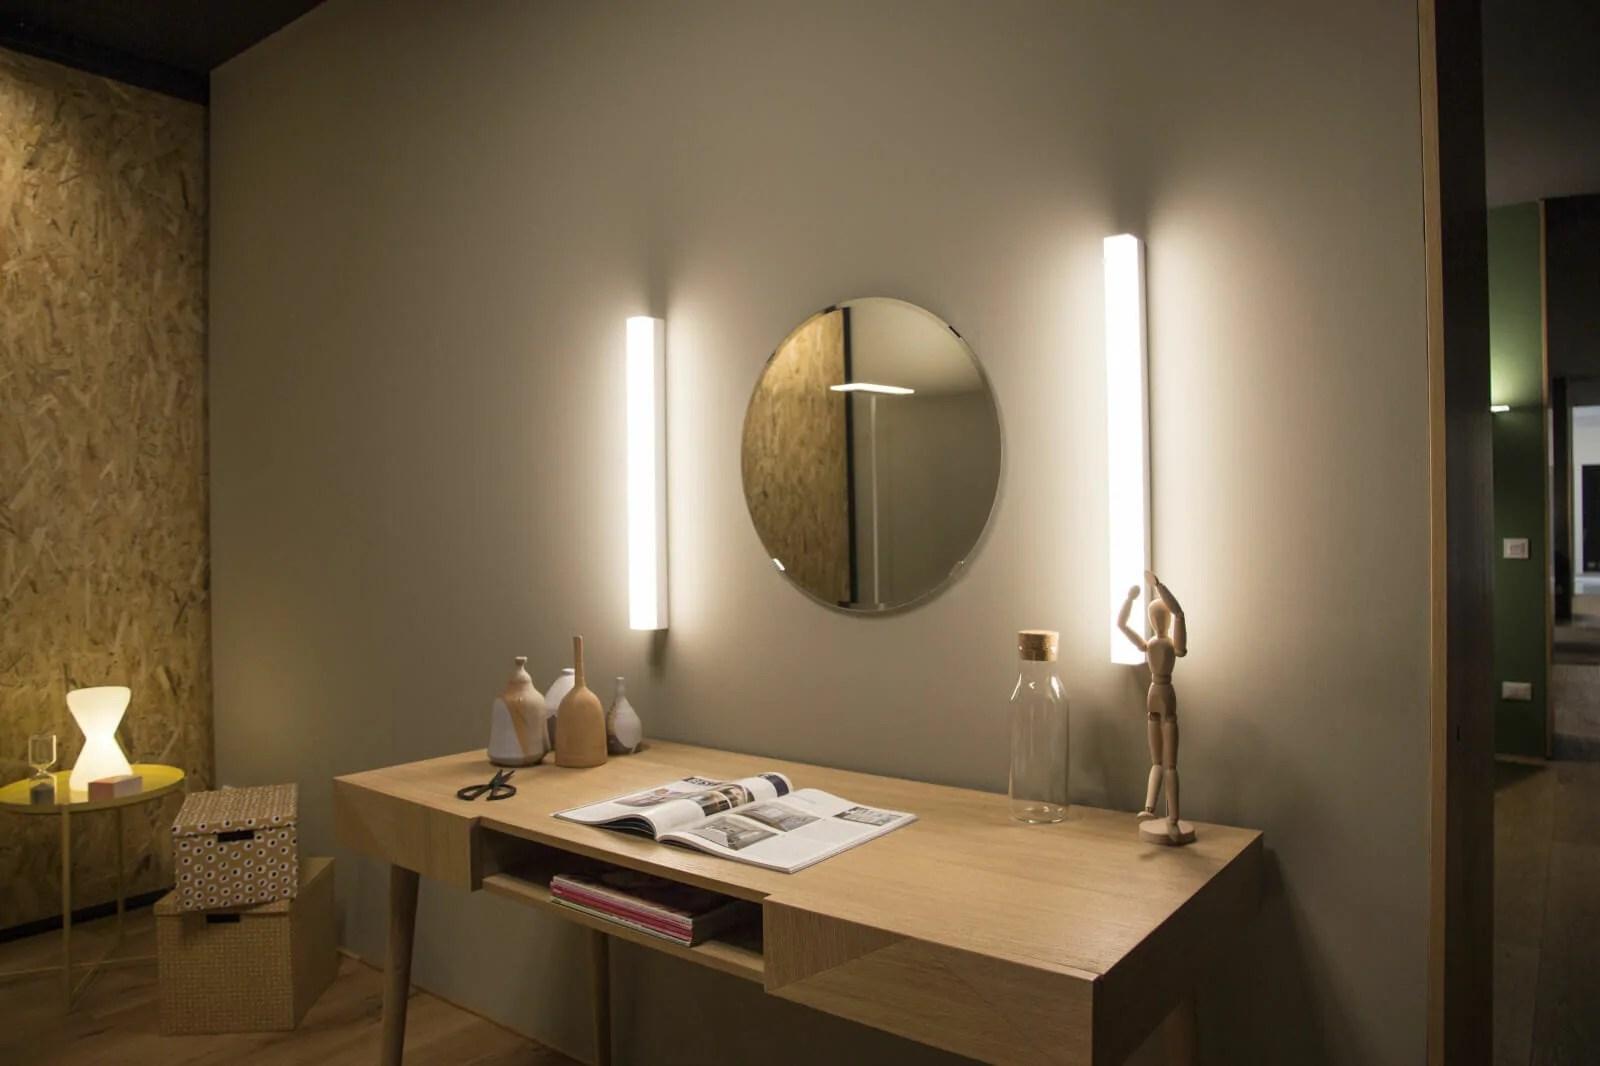 Kioo Applique da parete Linea Light  Lampada a doppia emissione per applicazione indoor  La Luce